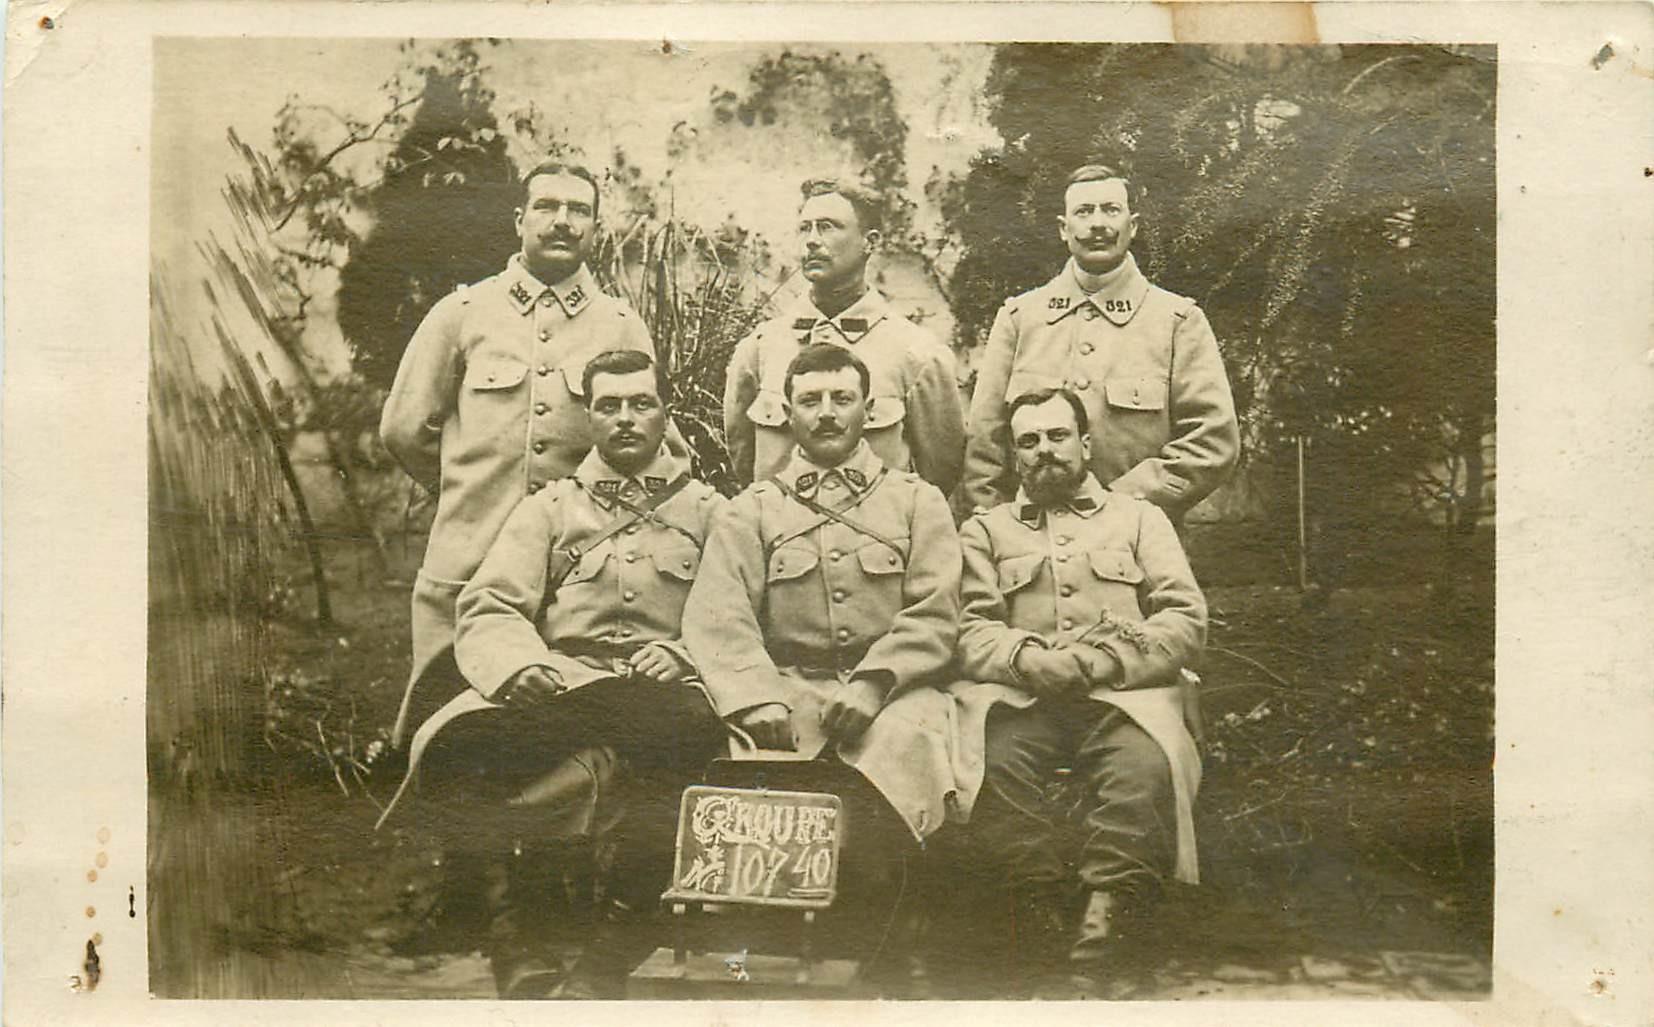 Superbe et rare Photo carte postale de Poilus du 321 Régiment d'Artillerie